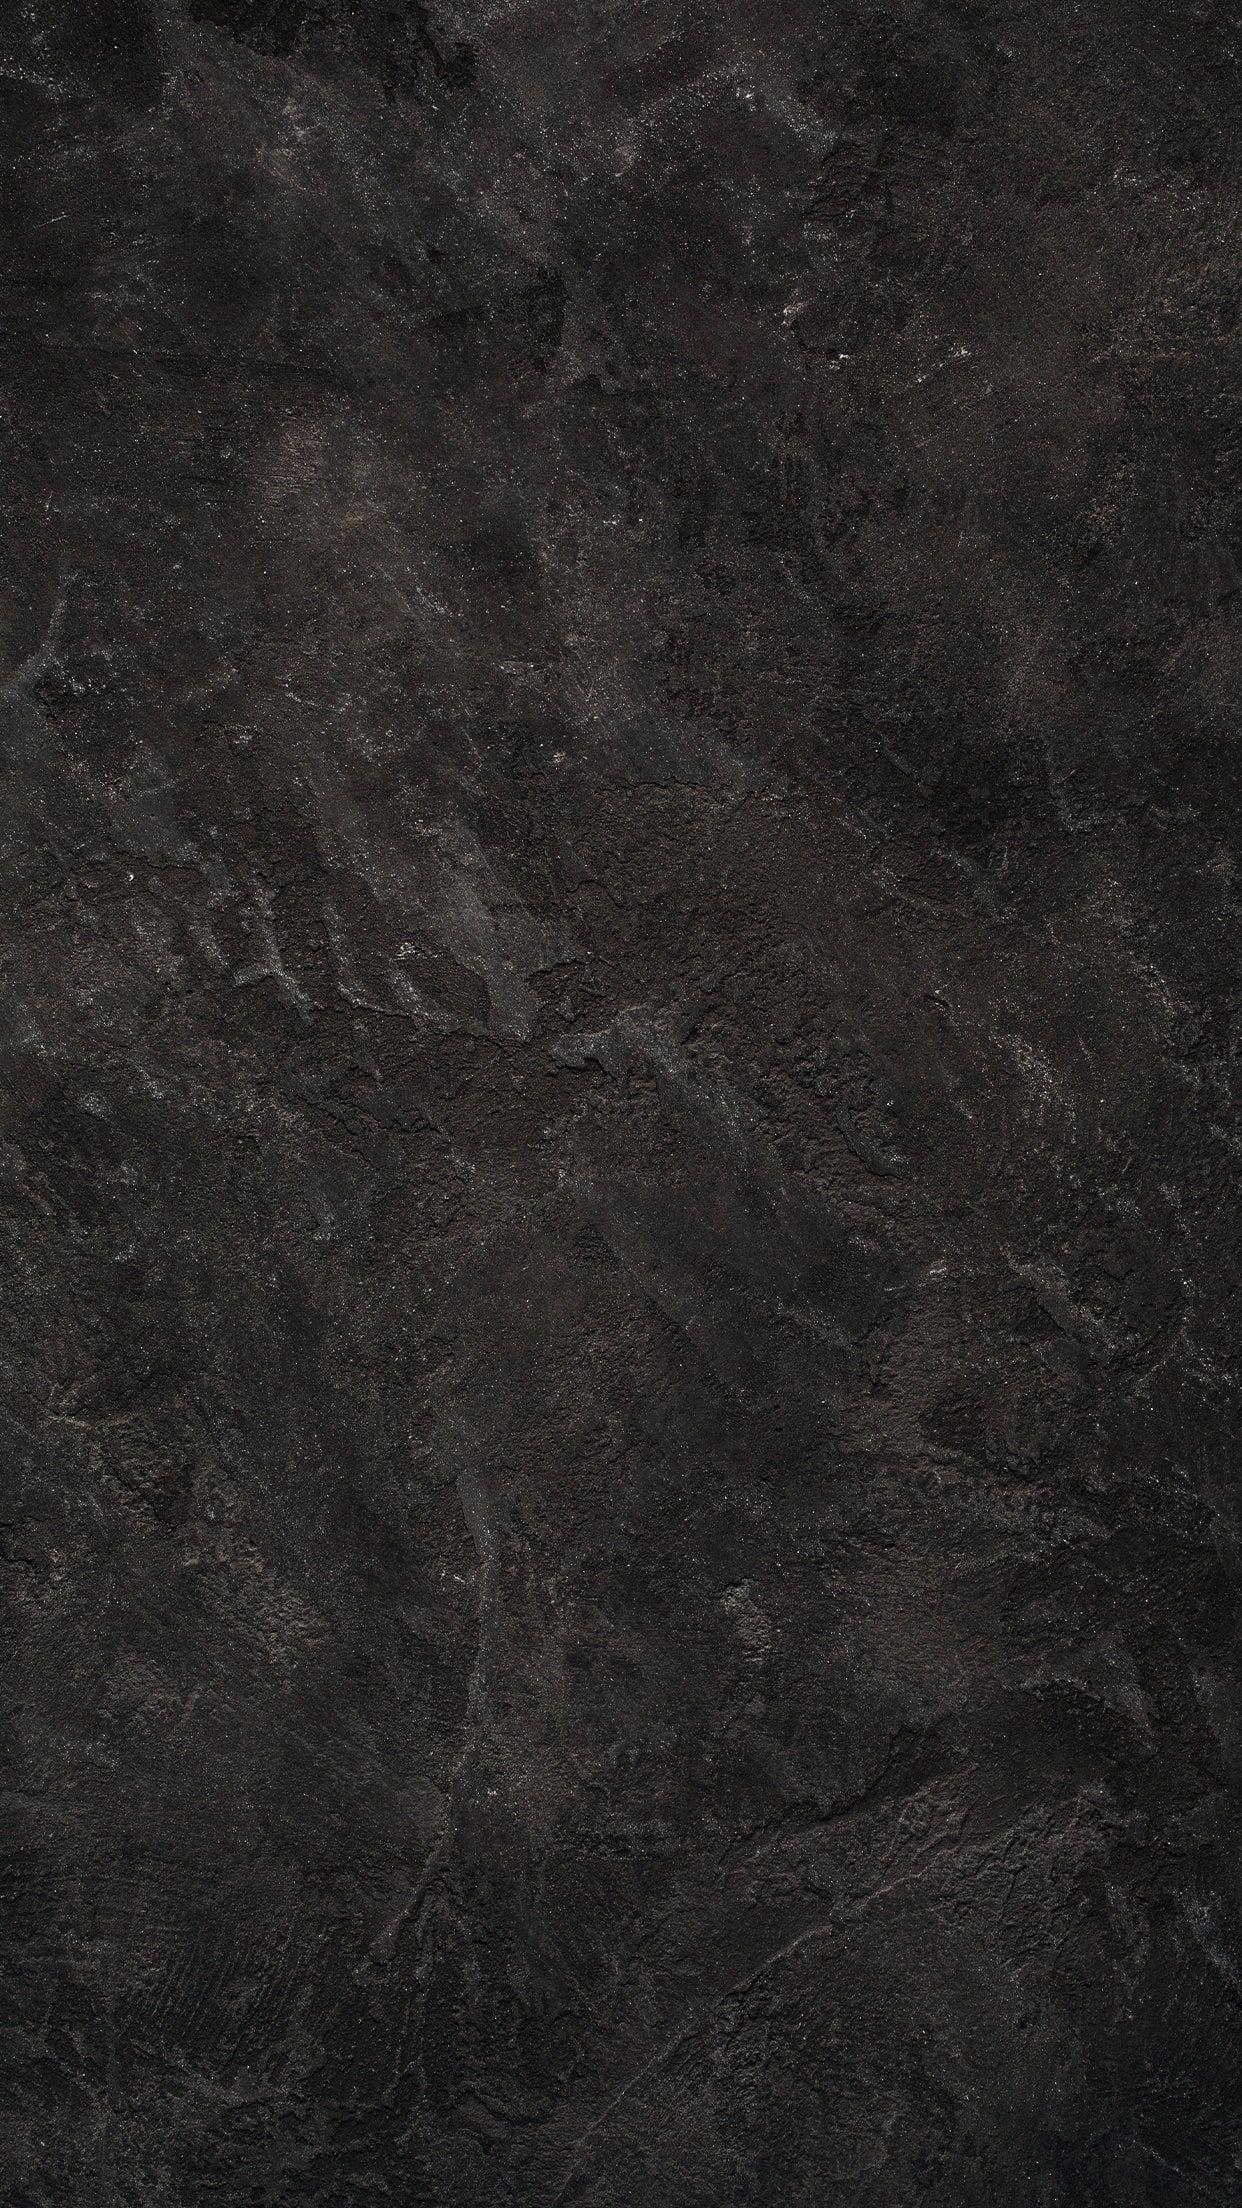 Texture Textured Portrait Display Vertical 1080p Wallpaper Hdwallpaper Desktop Marble Texture Seamless Black Wallpaper Texture